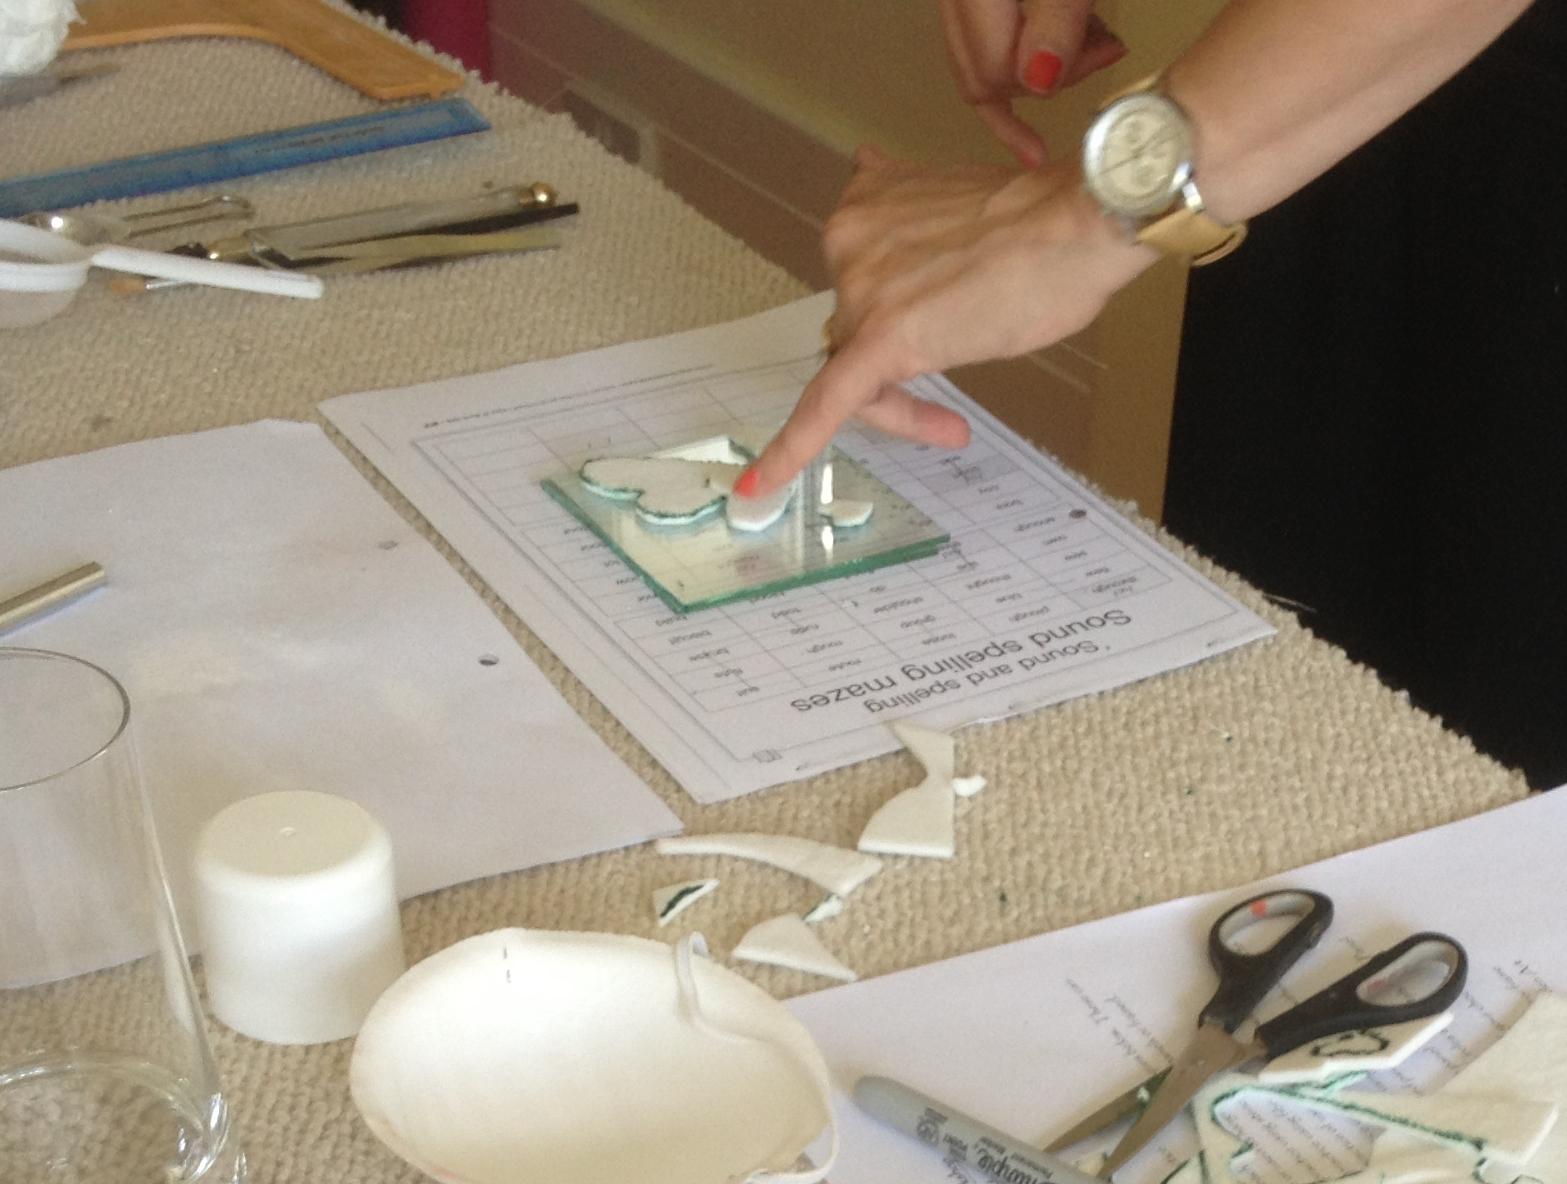 Fibre paper for texture